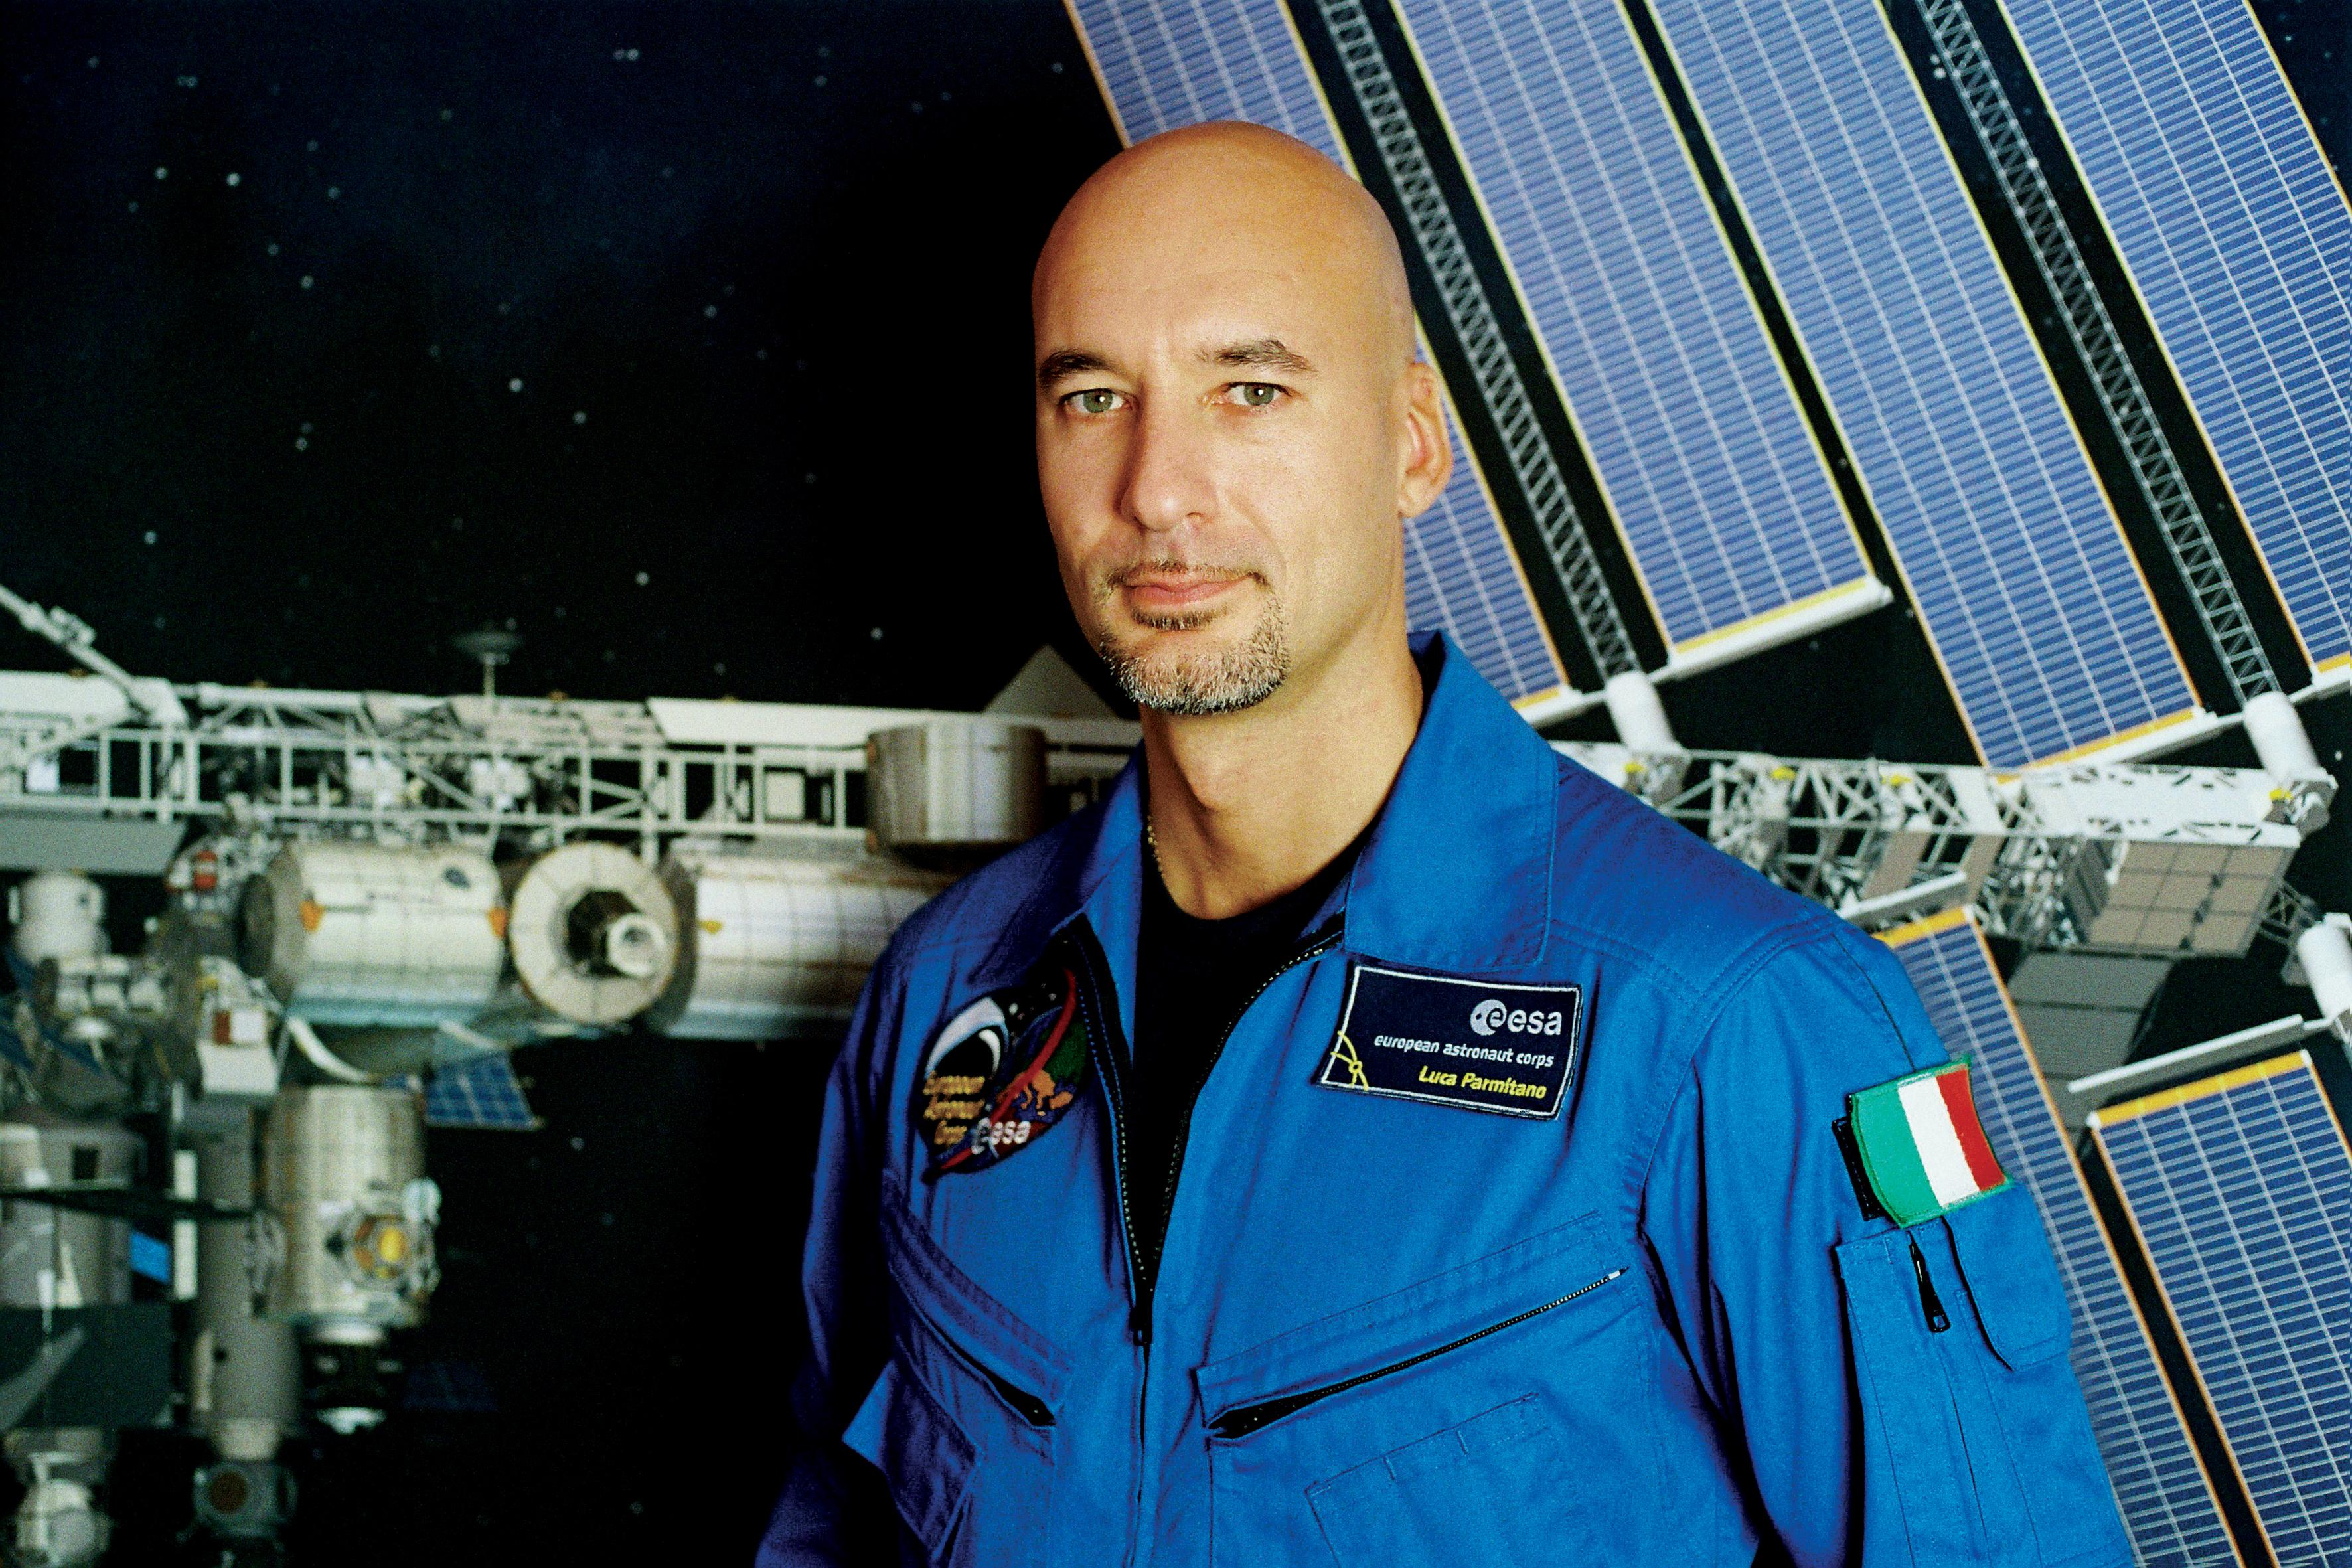 Астронаут ќе пушта музика од Веселената